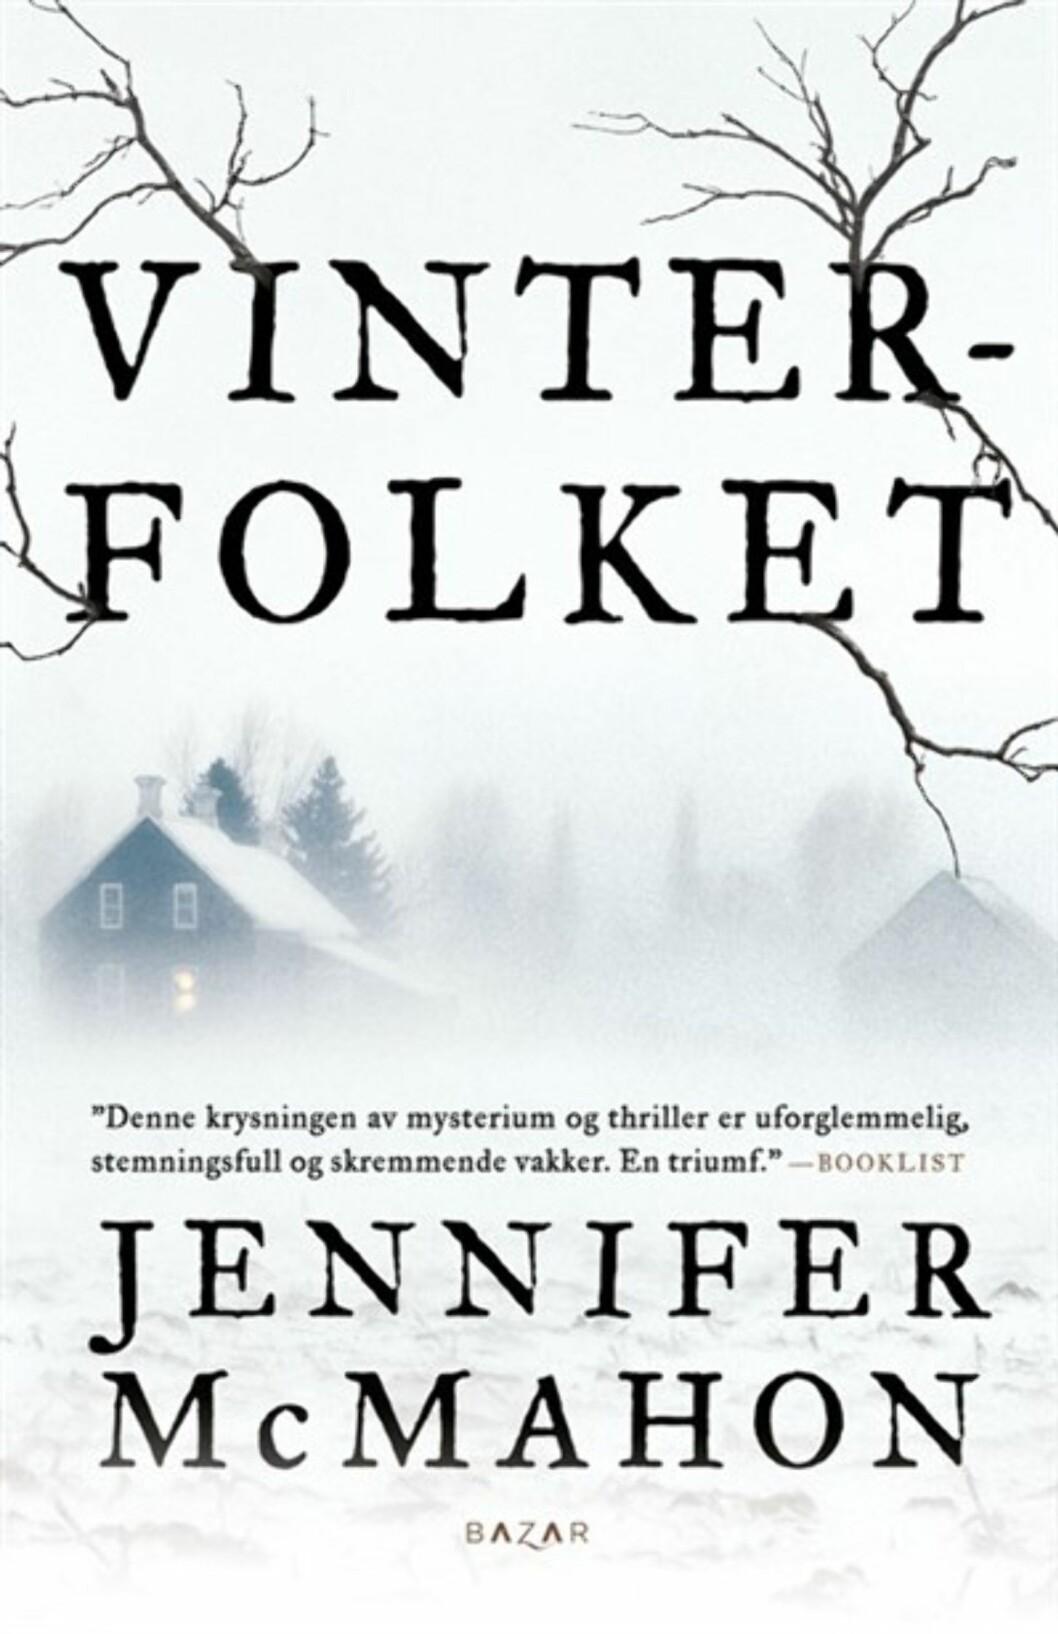 """""""Vinterfolket"""" av Jennifer McMahon, kroner 129 på Haugenbok.no.  Foto: Produsenten"""